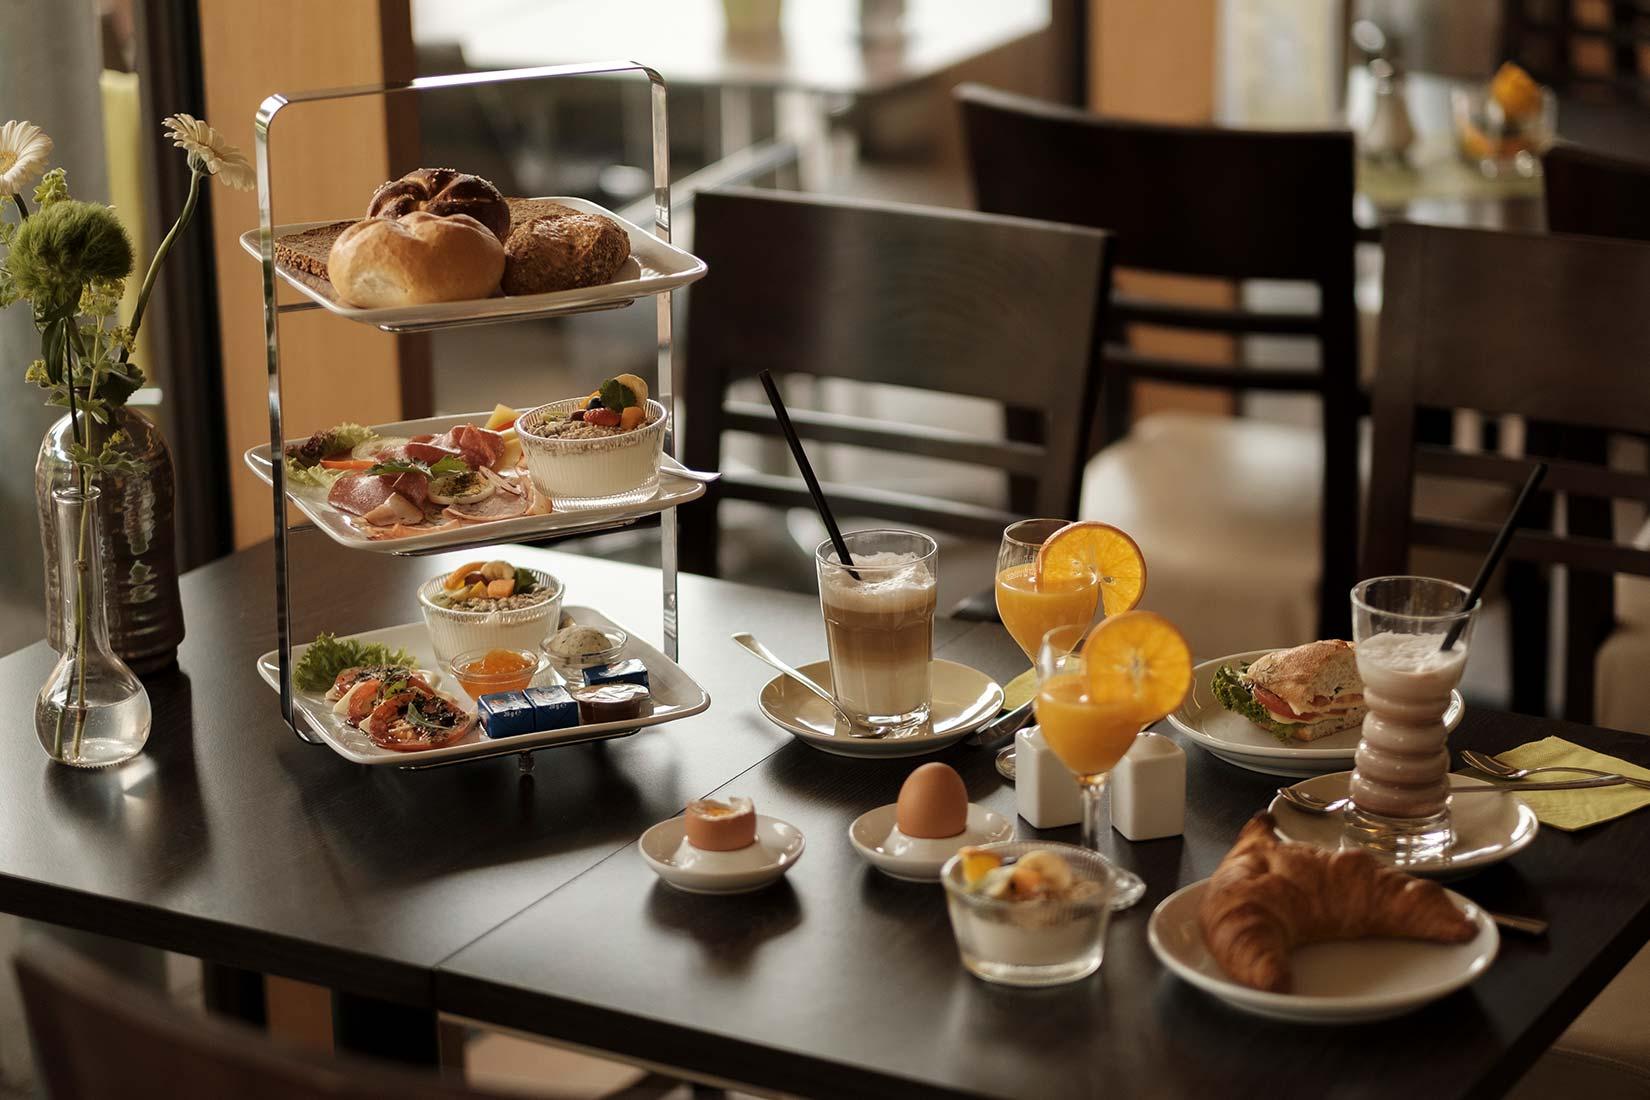 Reich gedeckter Frühstückstisch mit Orangensaft, Eiern, Croissants, Kaffee, Müsli, Wurst und Käse, frischen Früchten und vielen leckeren Spezialitäten